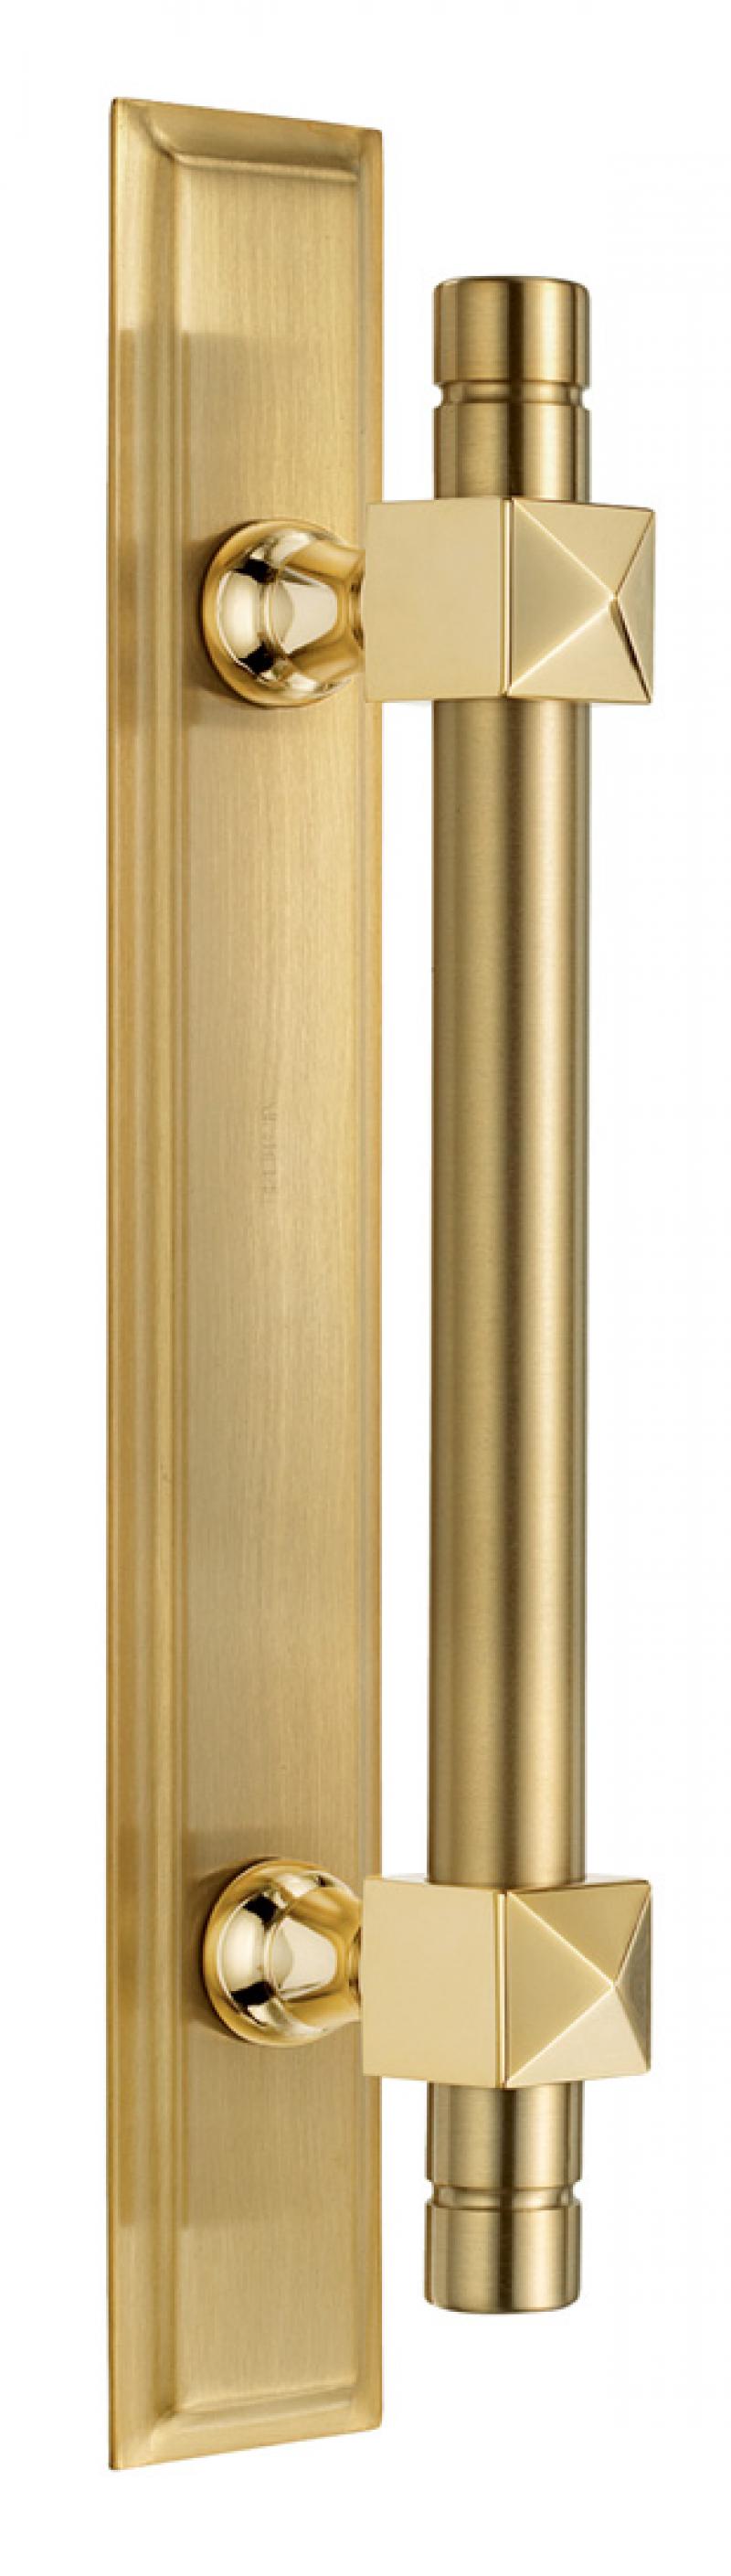 Λαβή εξώπορτας χρυσό ματ 04.9/250